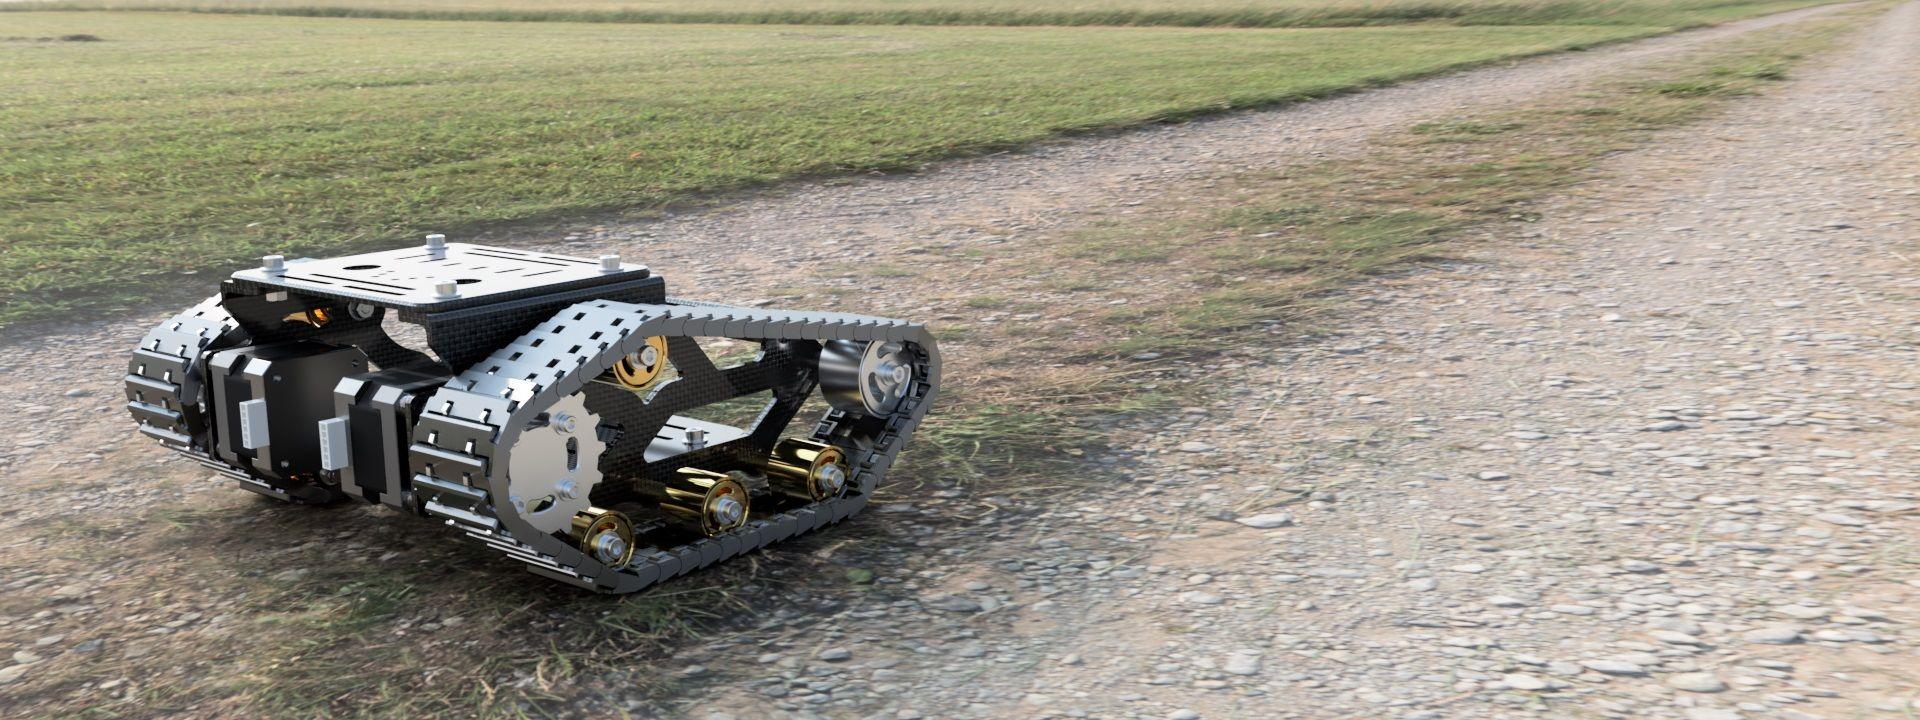 00-top-view-image-crawler-robot-00-3500-3500